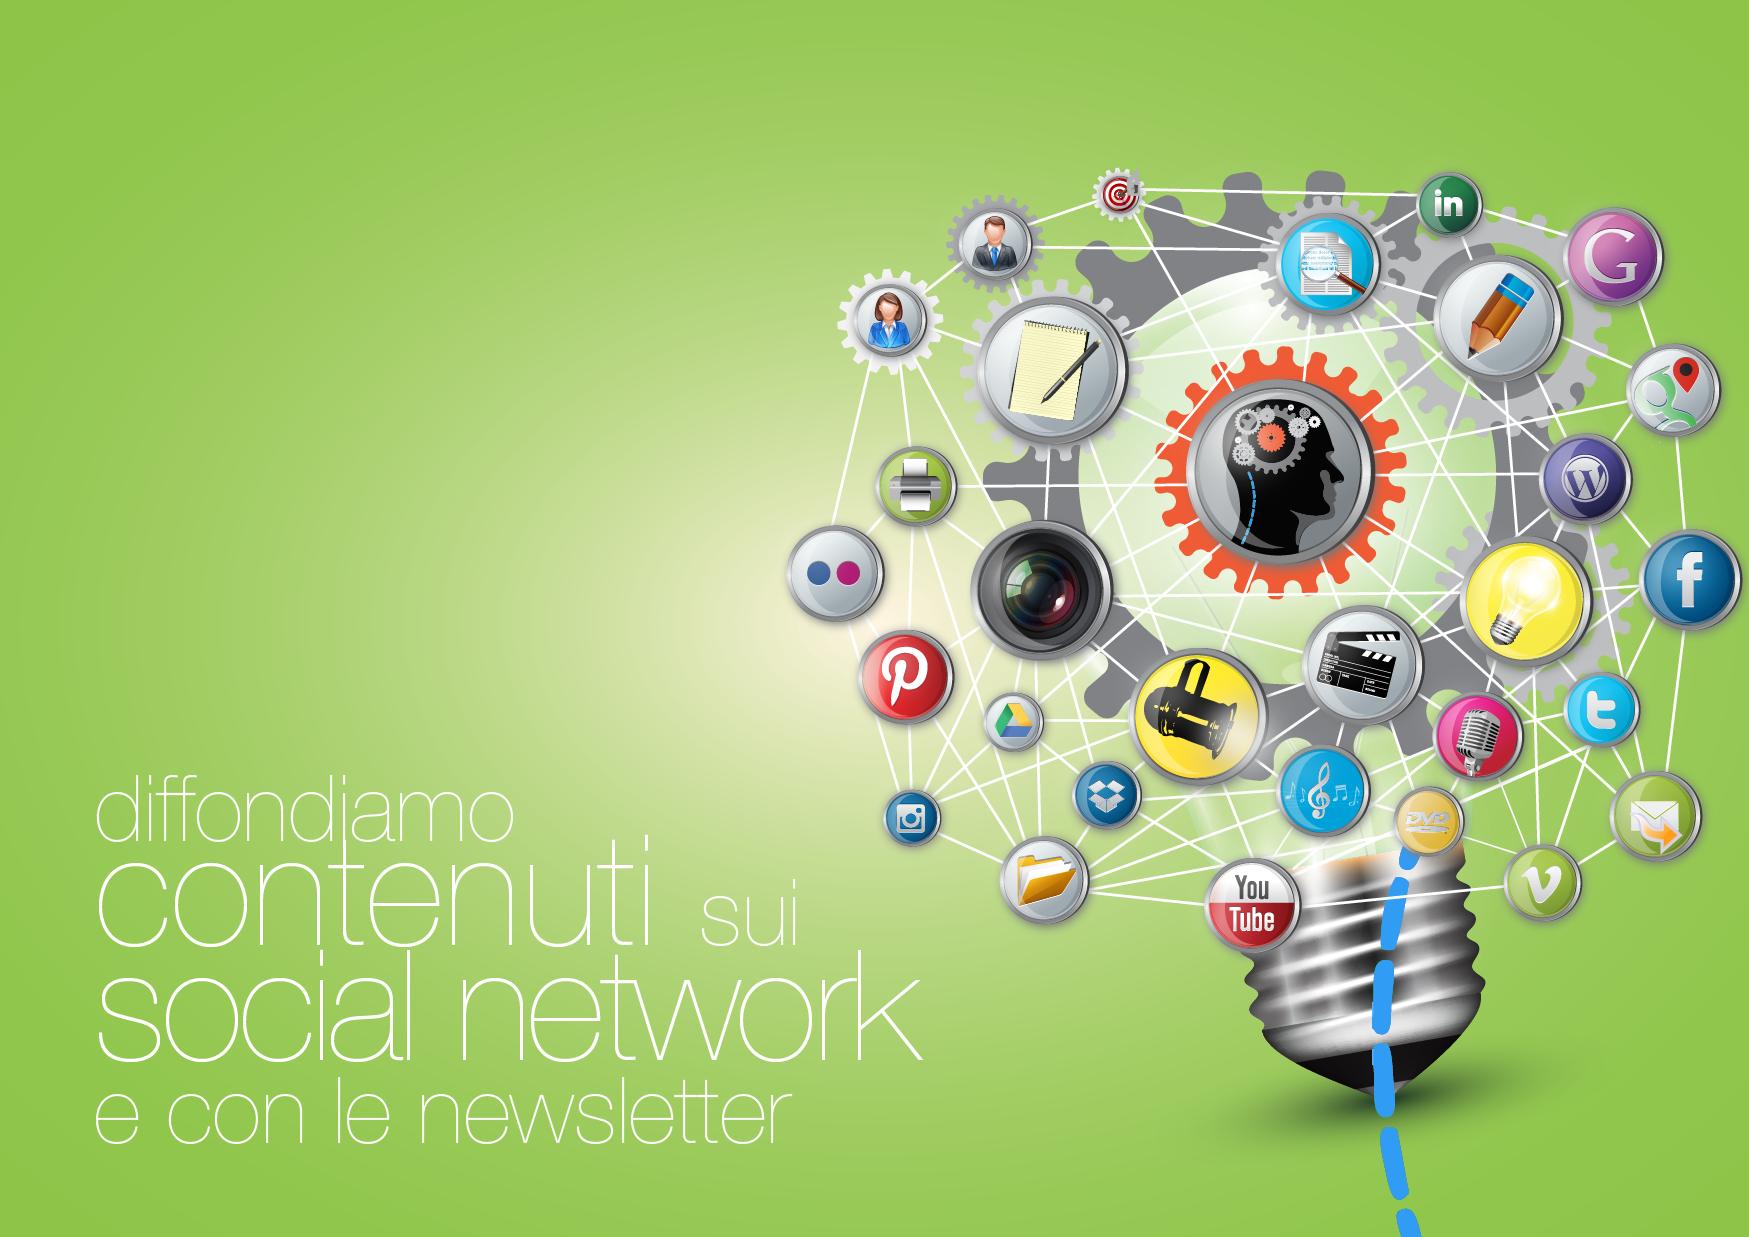 La rete completa di servizi